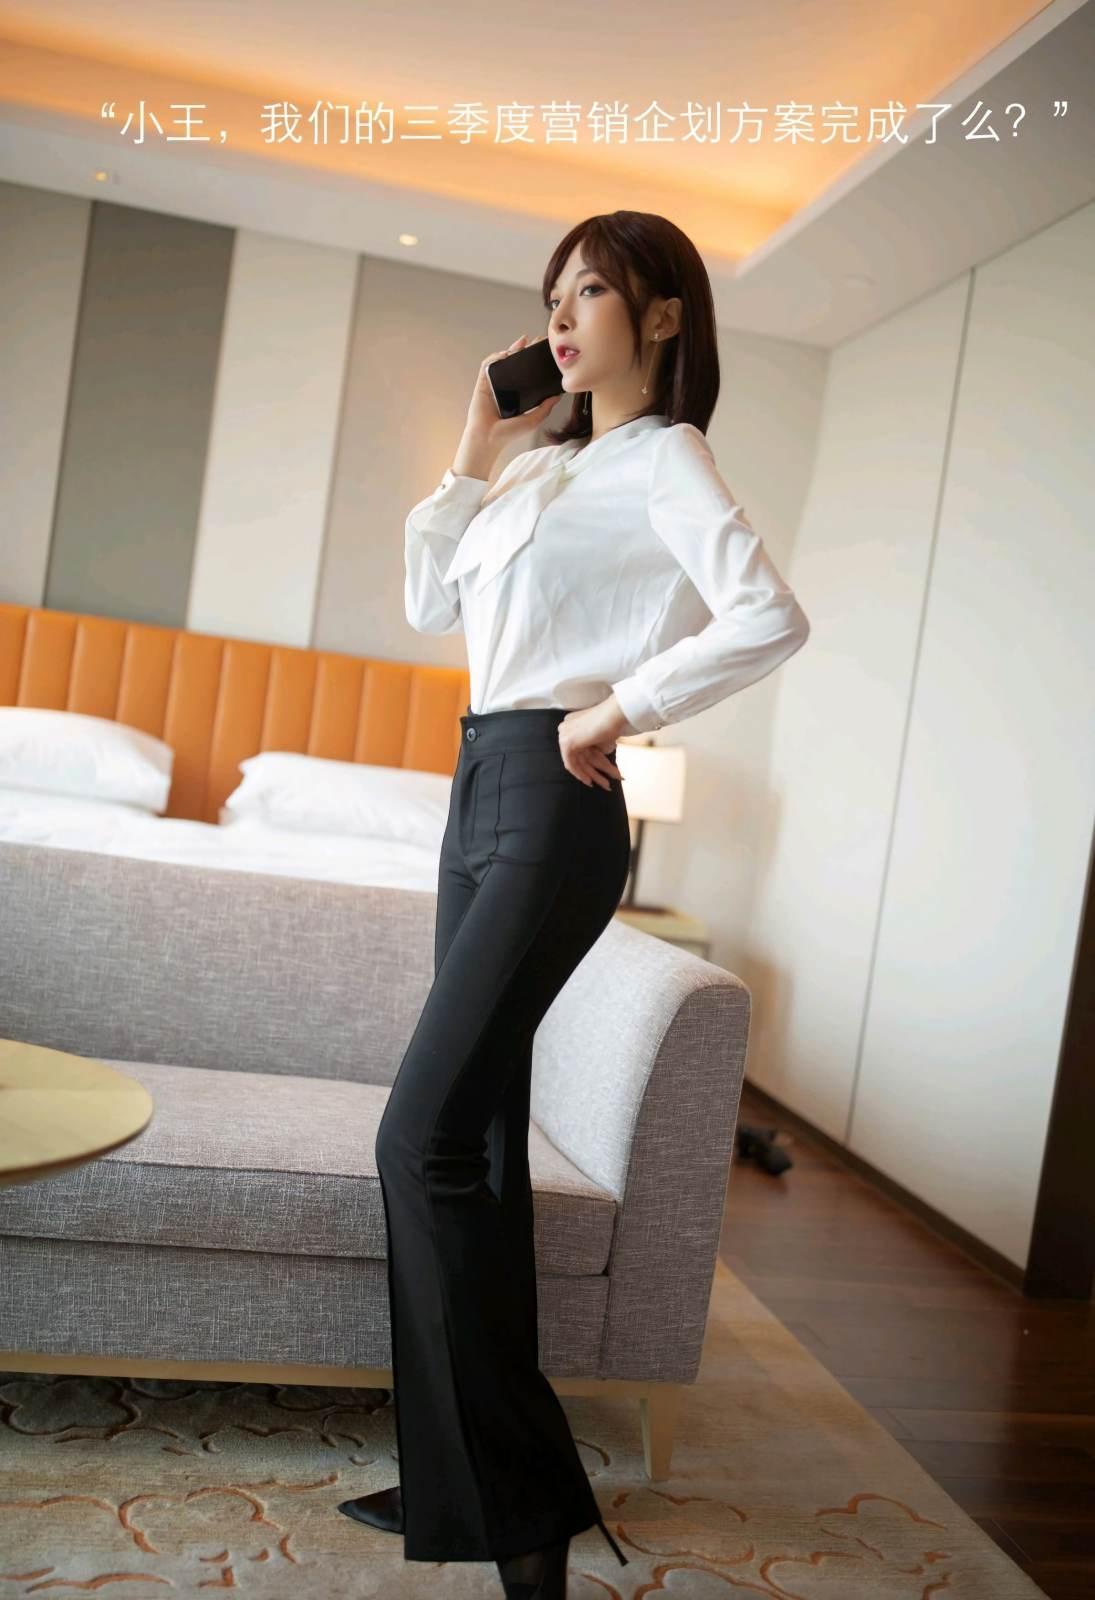 第169期公司女老板查岗陈小喵(高跟,丝袜)_图片1